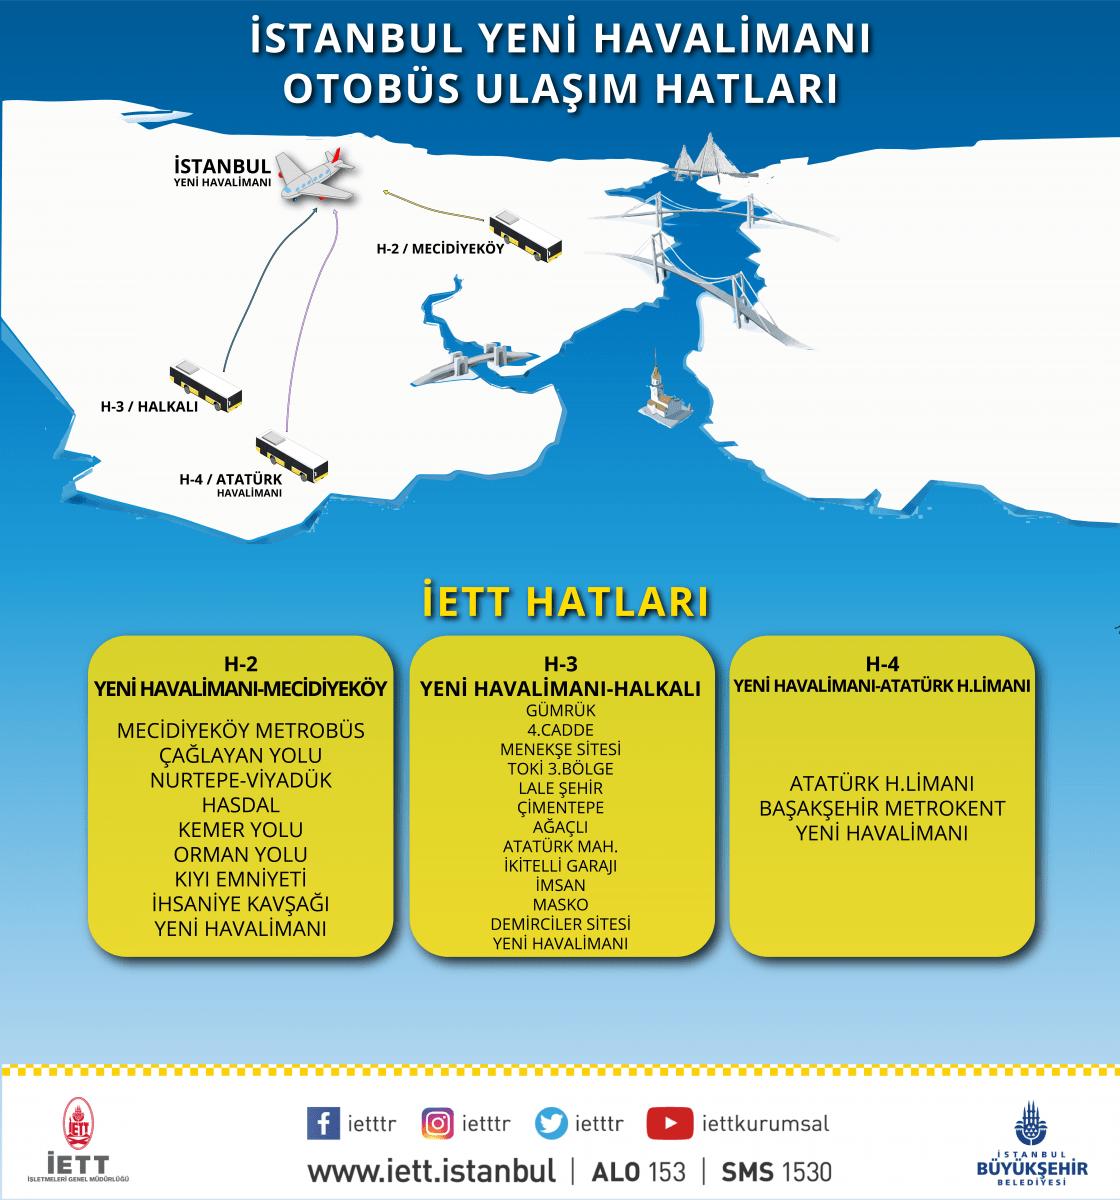 İstanbul Yeni Havalimanına Ulaşım, İETT H2 H3 H4 Hatları Durakları